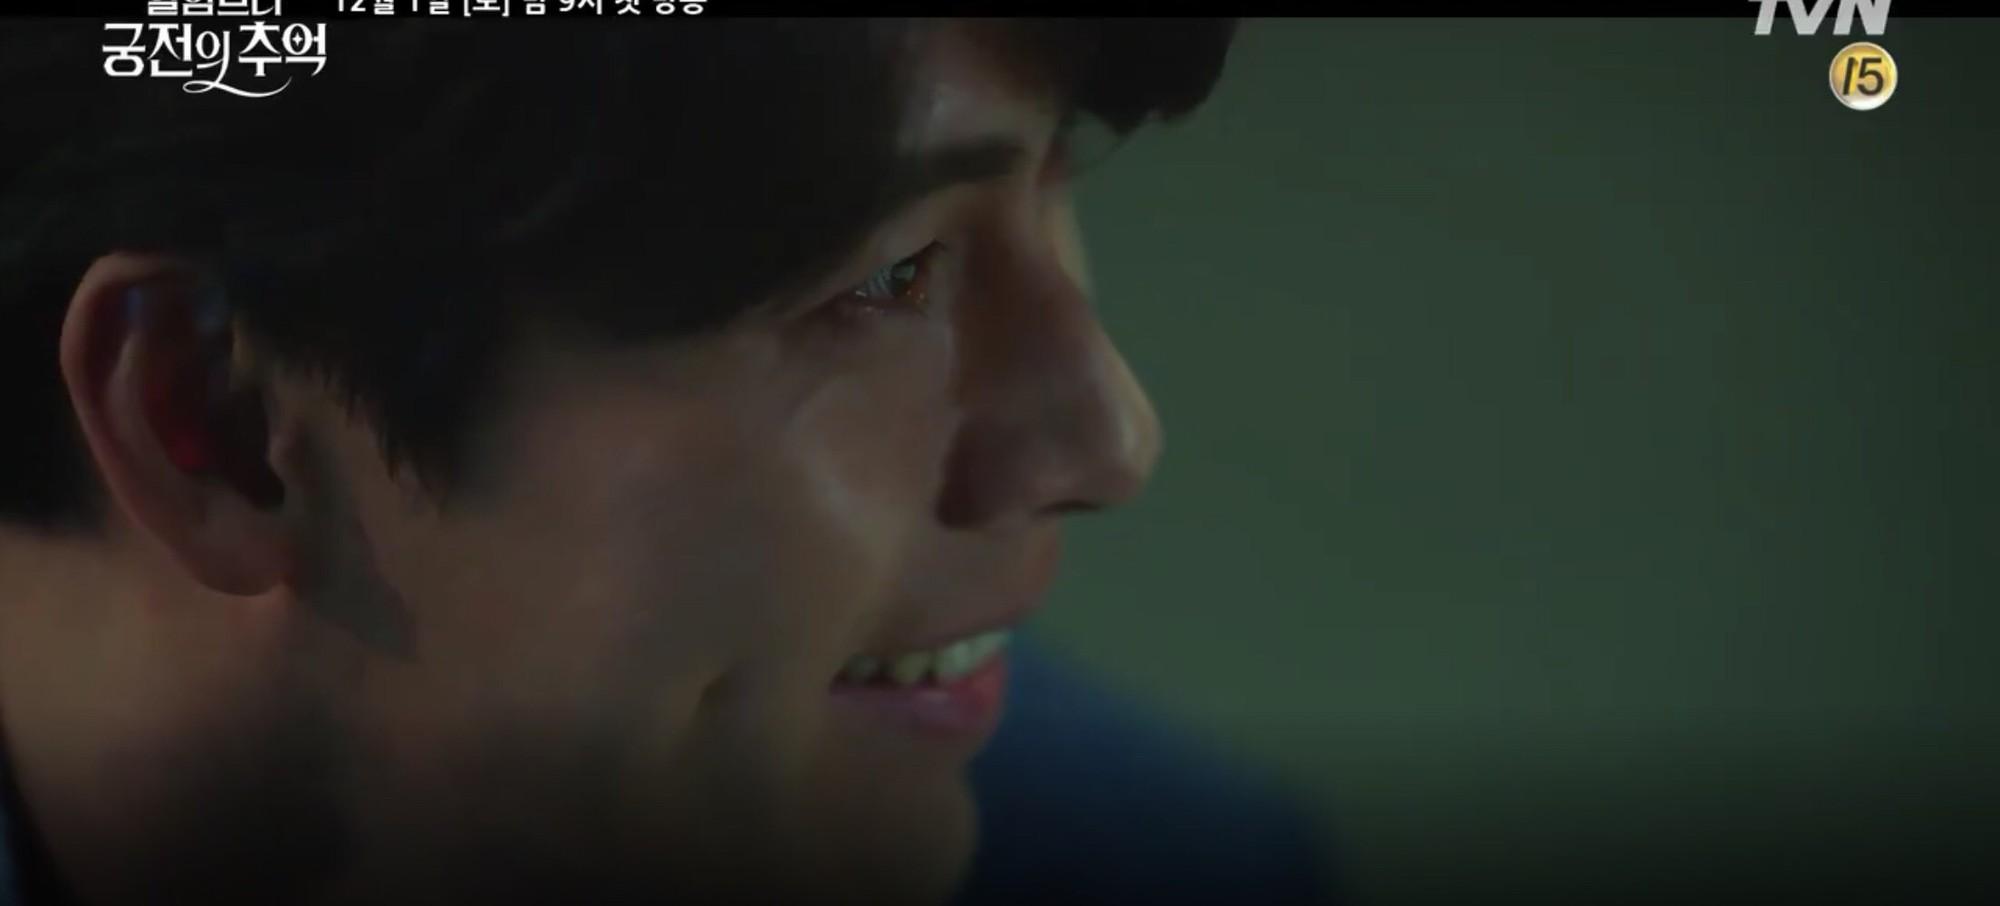 Park Shin Hye trùm khăn đỏ huyền bí trong teaser Memories of the Alhambra vừa tung nóng hổi - Ảnh 5.